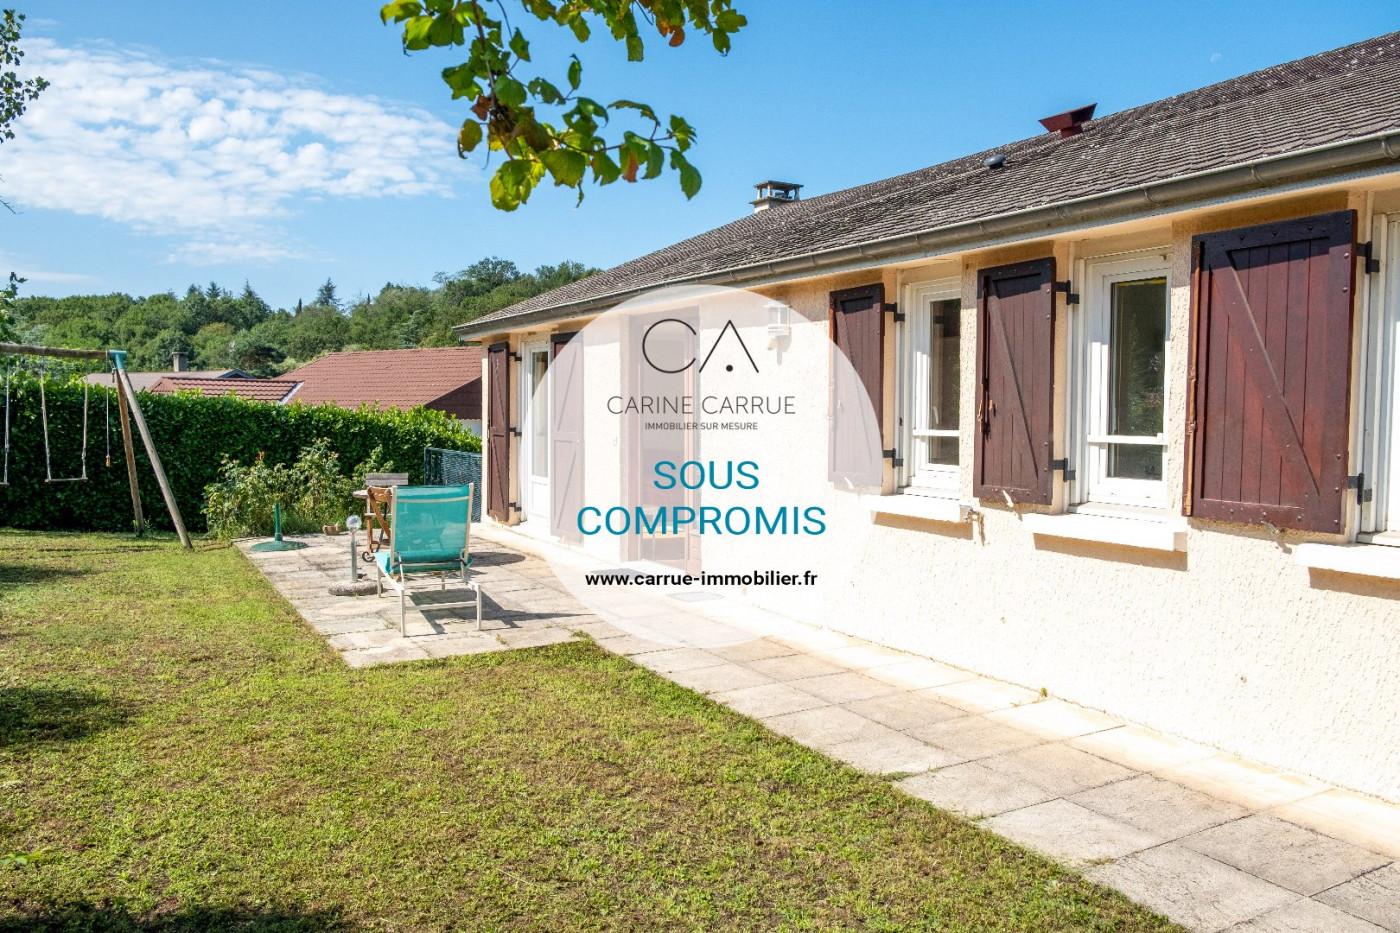 A vendre Francheville 6902441 Carrue immobilier